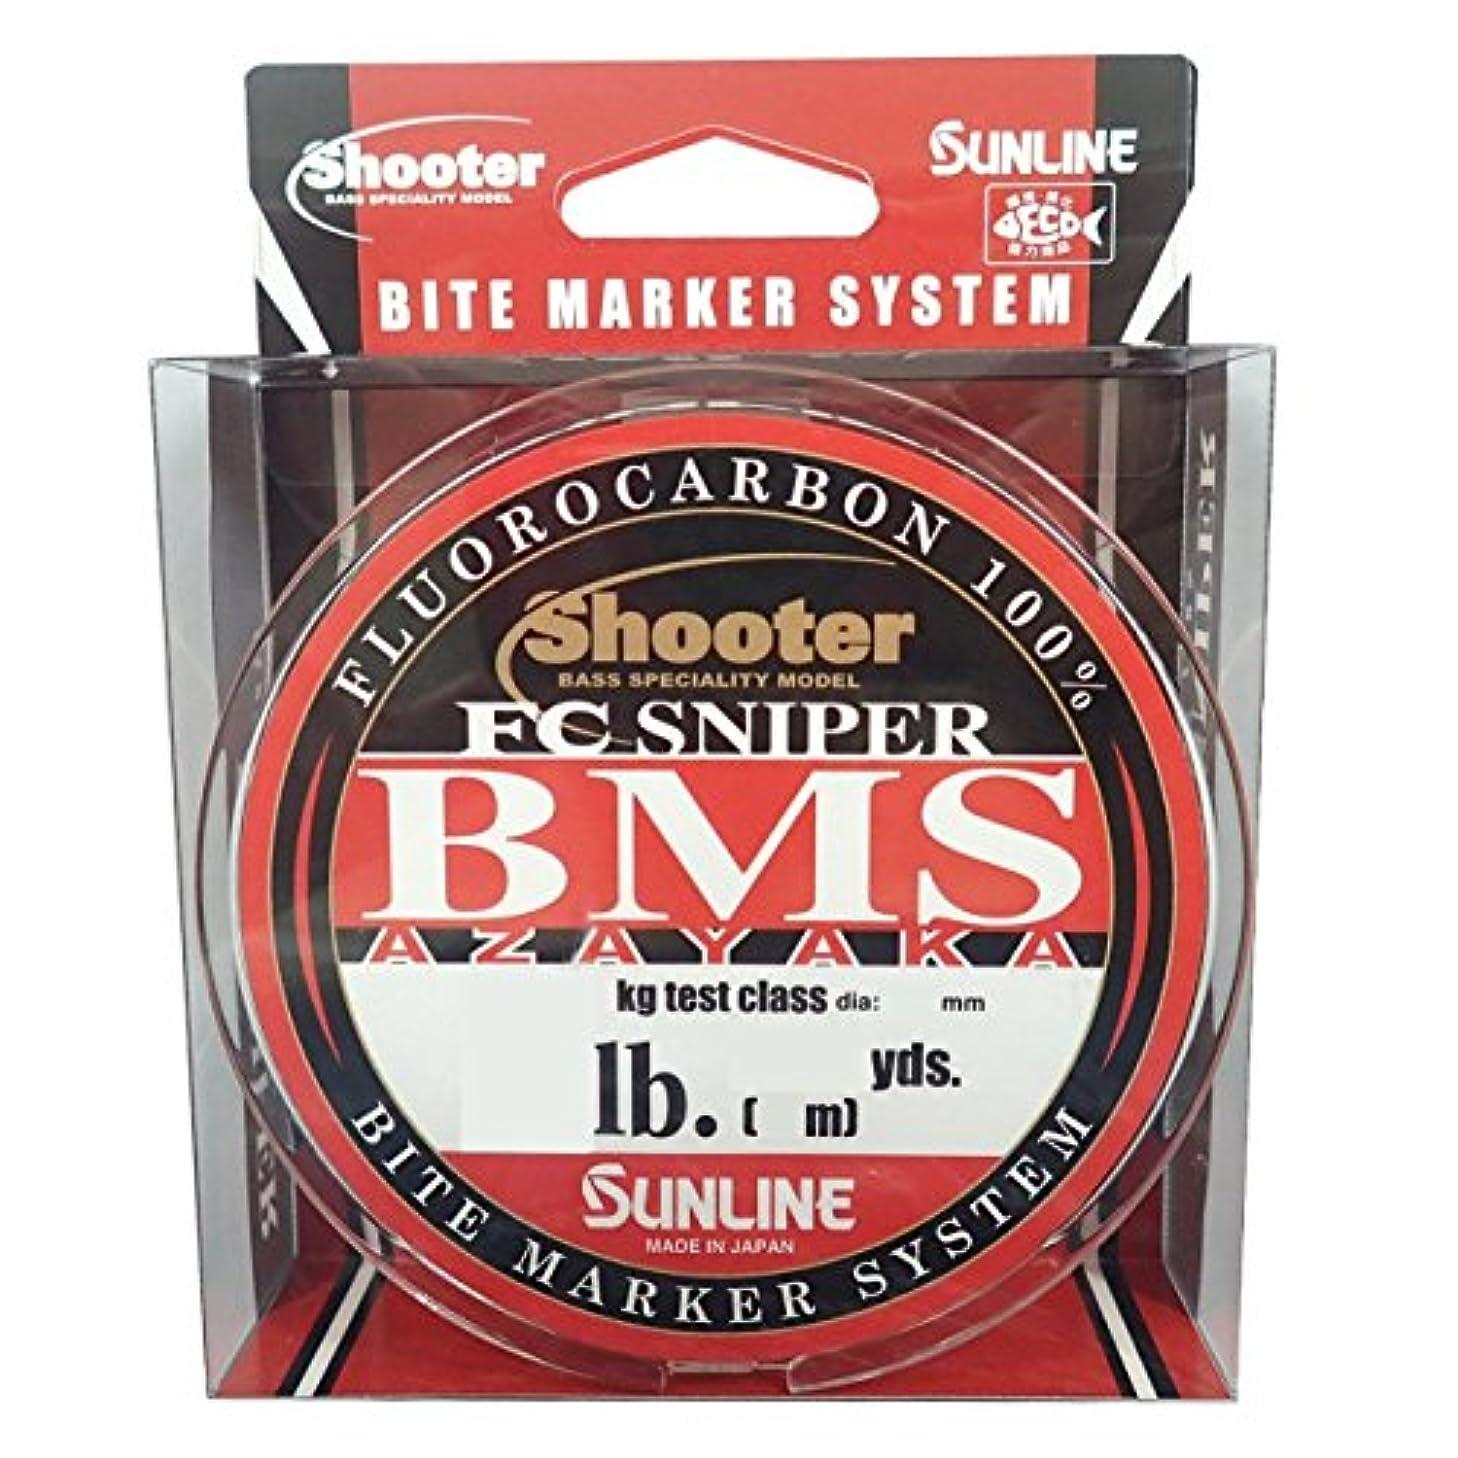 息子ループ静かにサンライン(SUNLINE) フロロカーボンライン シューター FC スナイパー BMS AZAYAKA 300m 8lb 5色